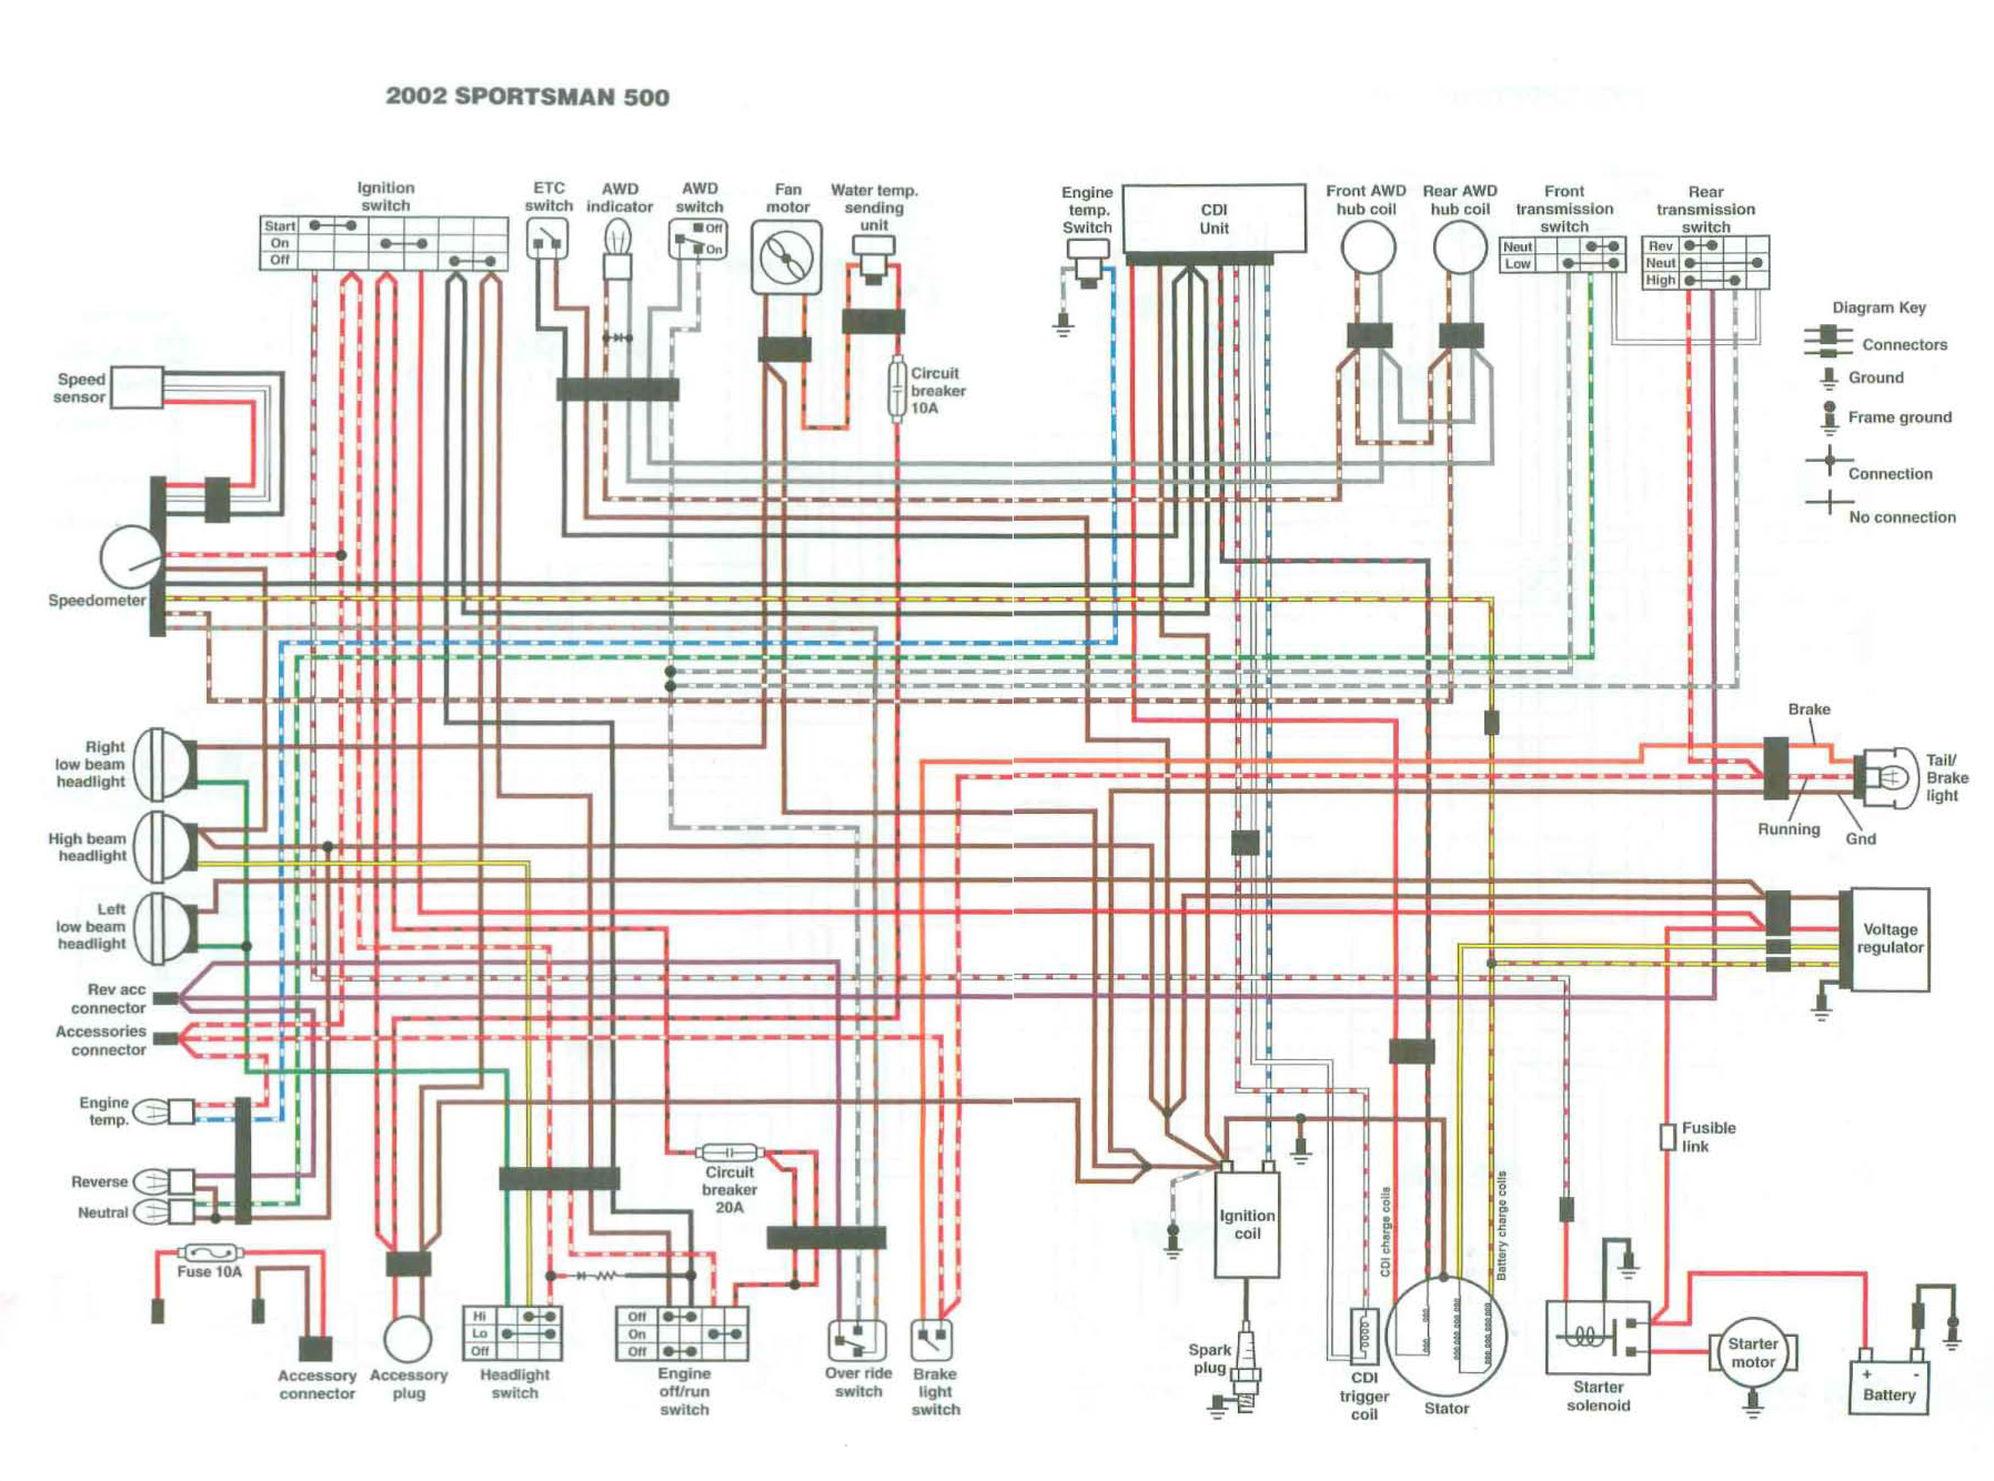 magnum 325 wiring diagram private sharing about wiring diagram u2022 rh caraccessoriesandsoftware co uk polaris magnum 500 wiring diagram 1995 polaris magnum wiring diagram